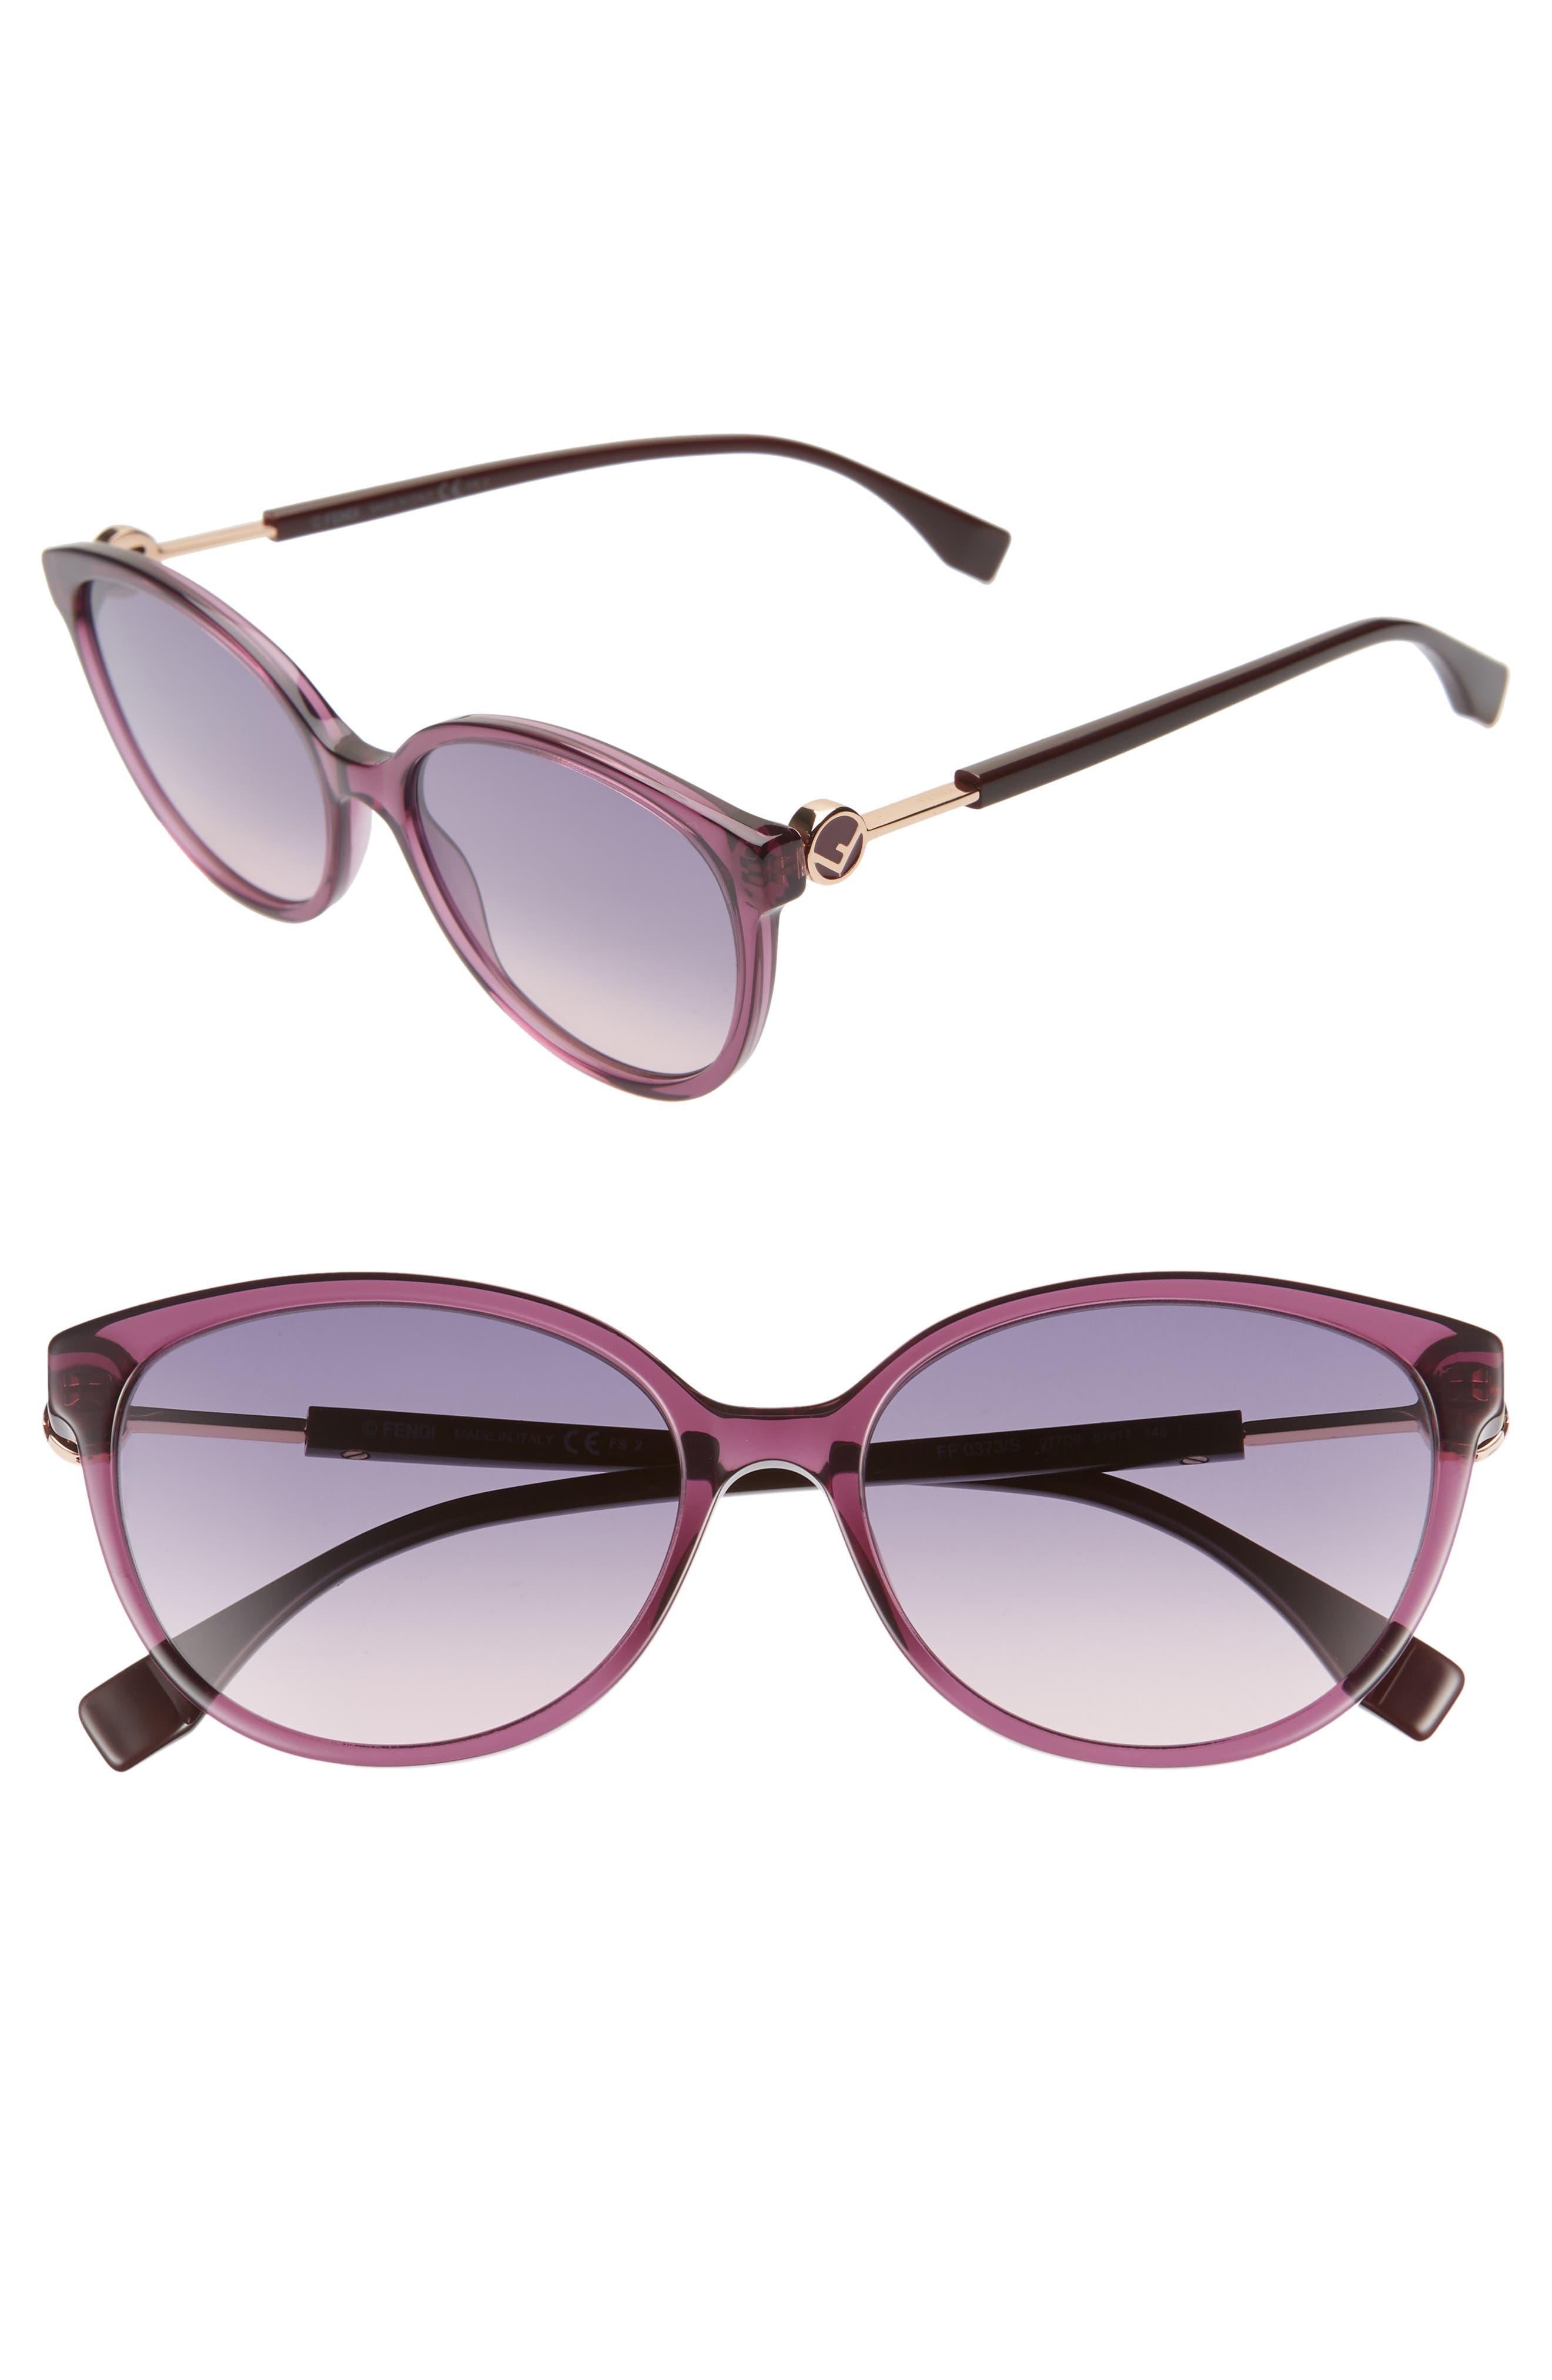 Image of FENDI 57mm Cat Eye Sunglasses